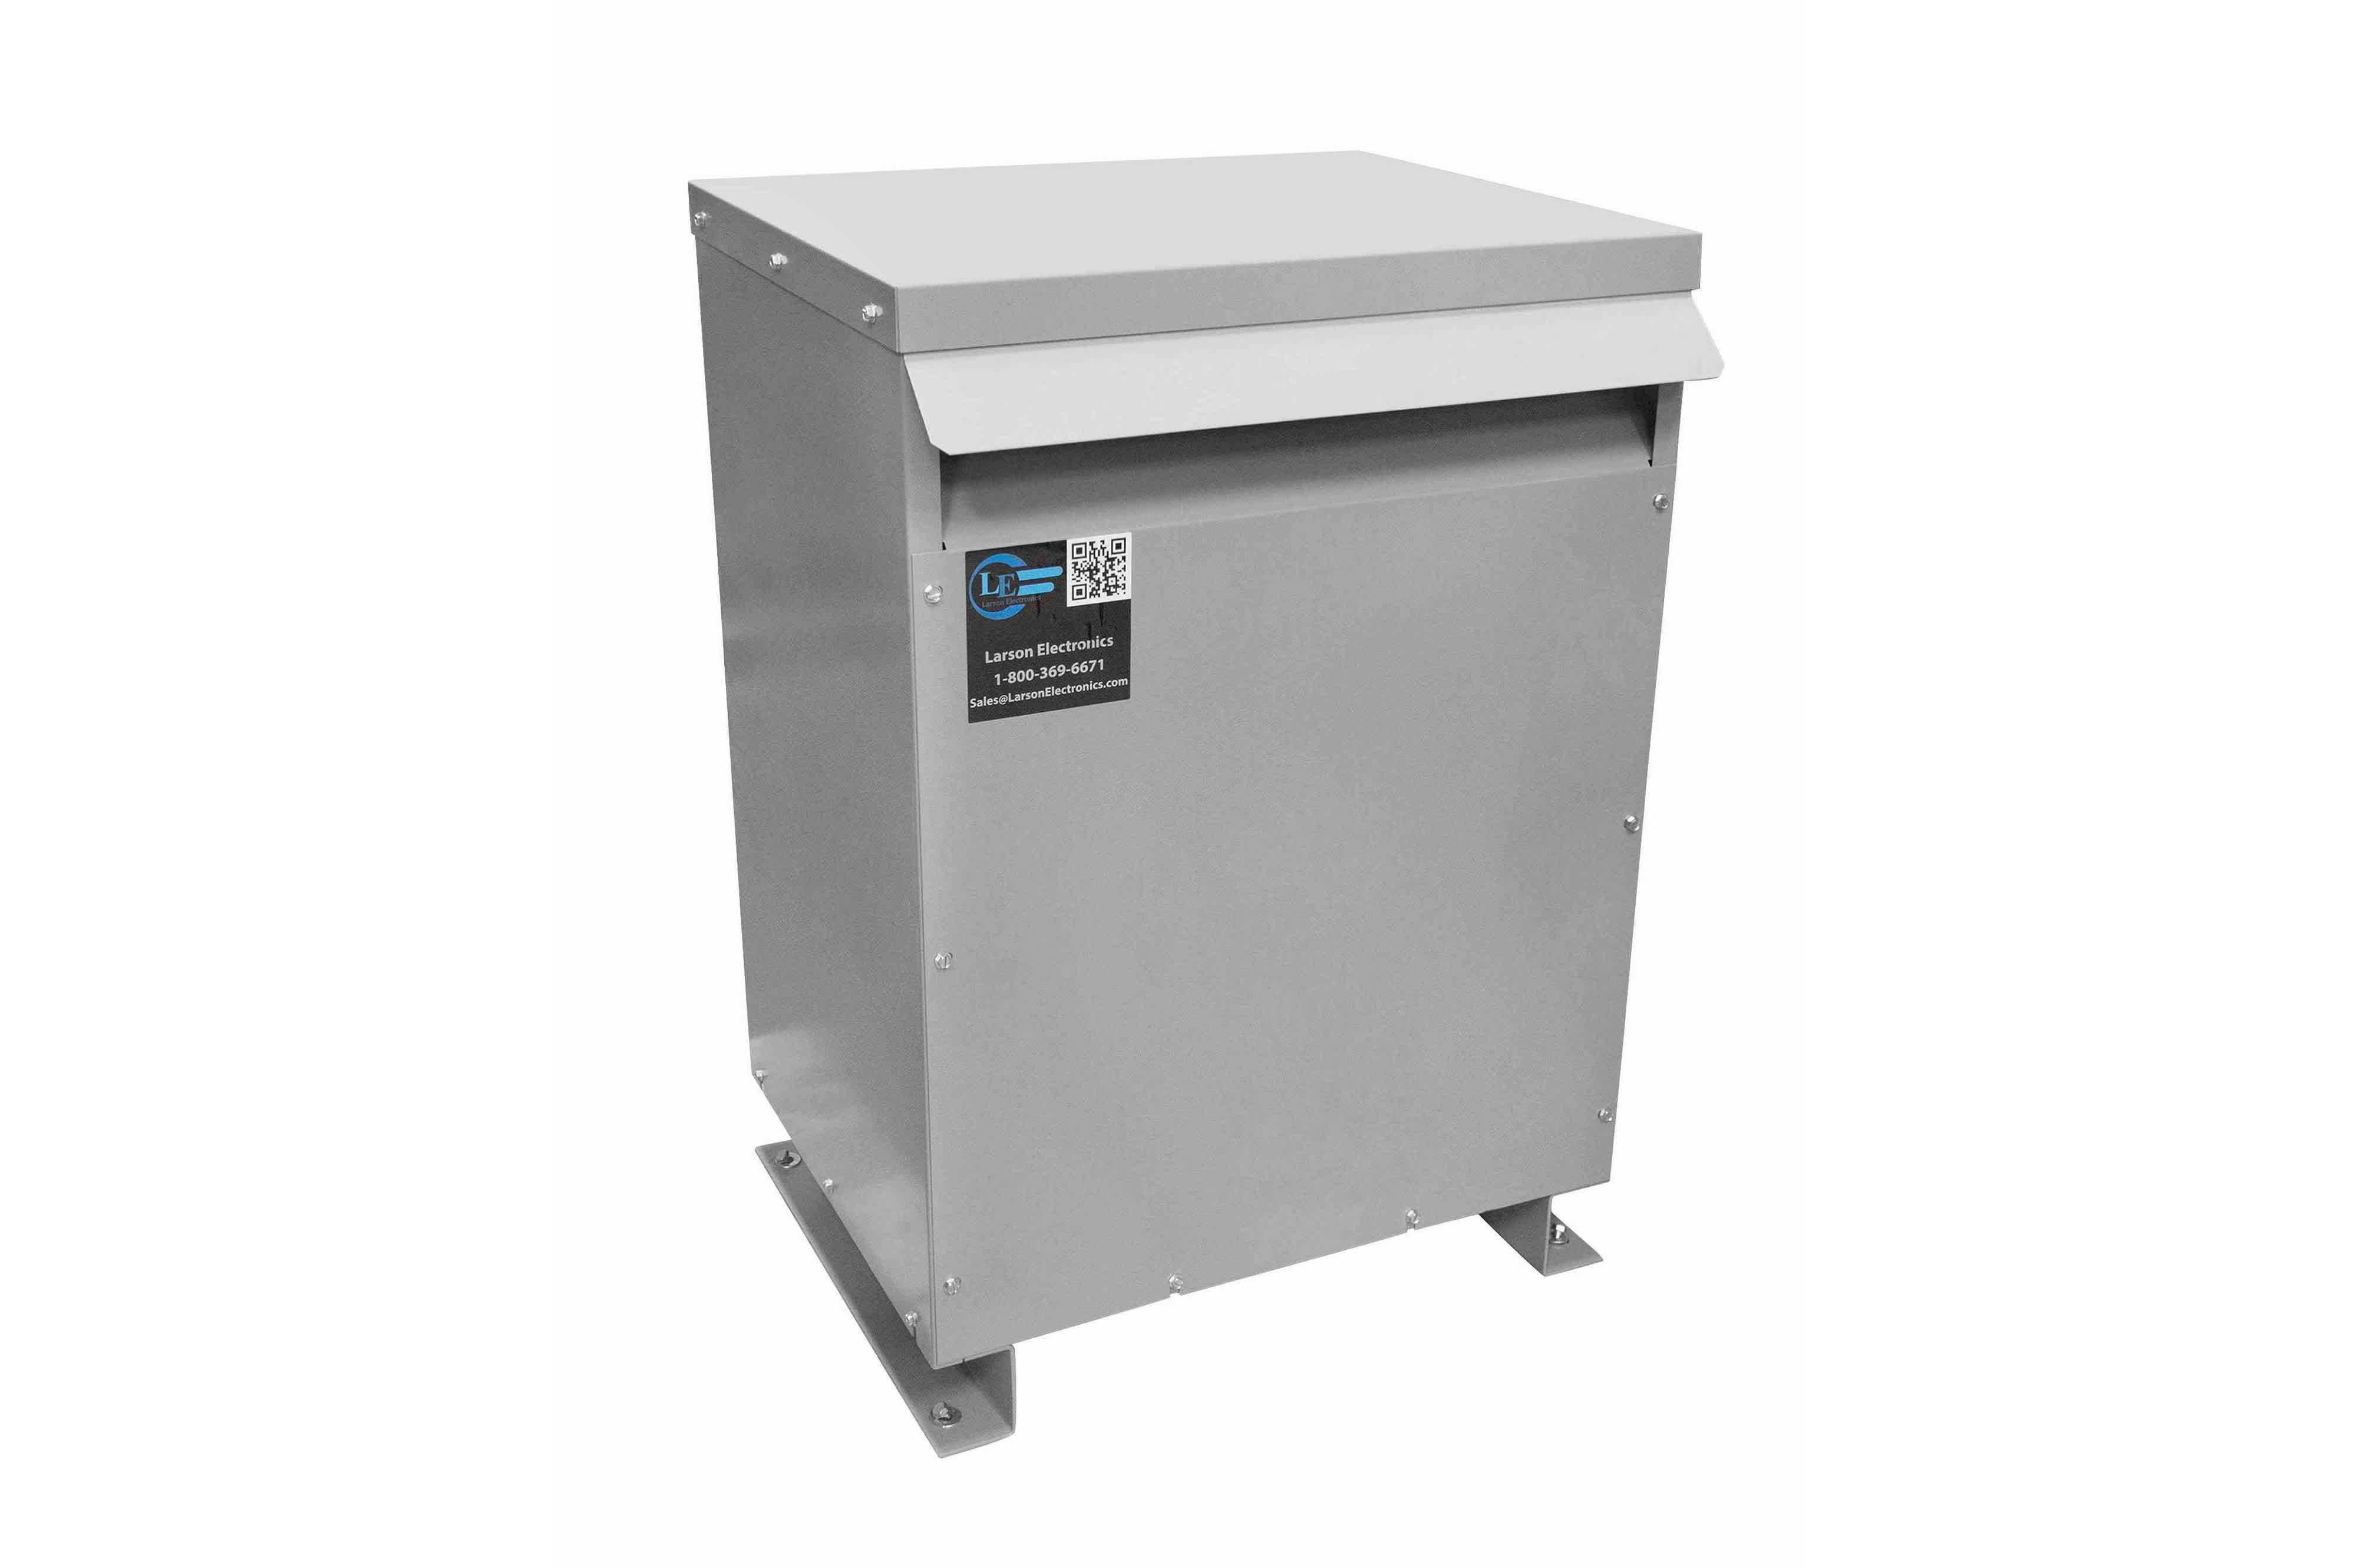 150 kVA 3PH Isolation Transformer, 230V Delta Primary, 208V Delta Secondary, N3R, Ventilated, 60 Hz